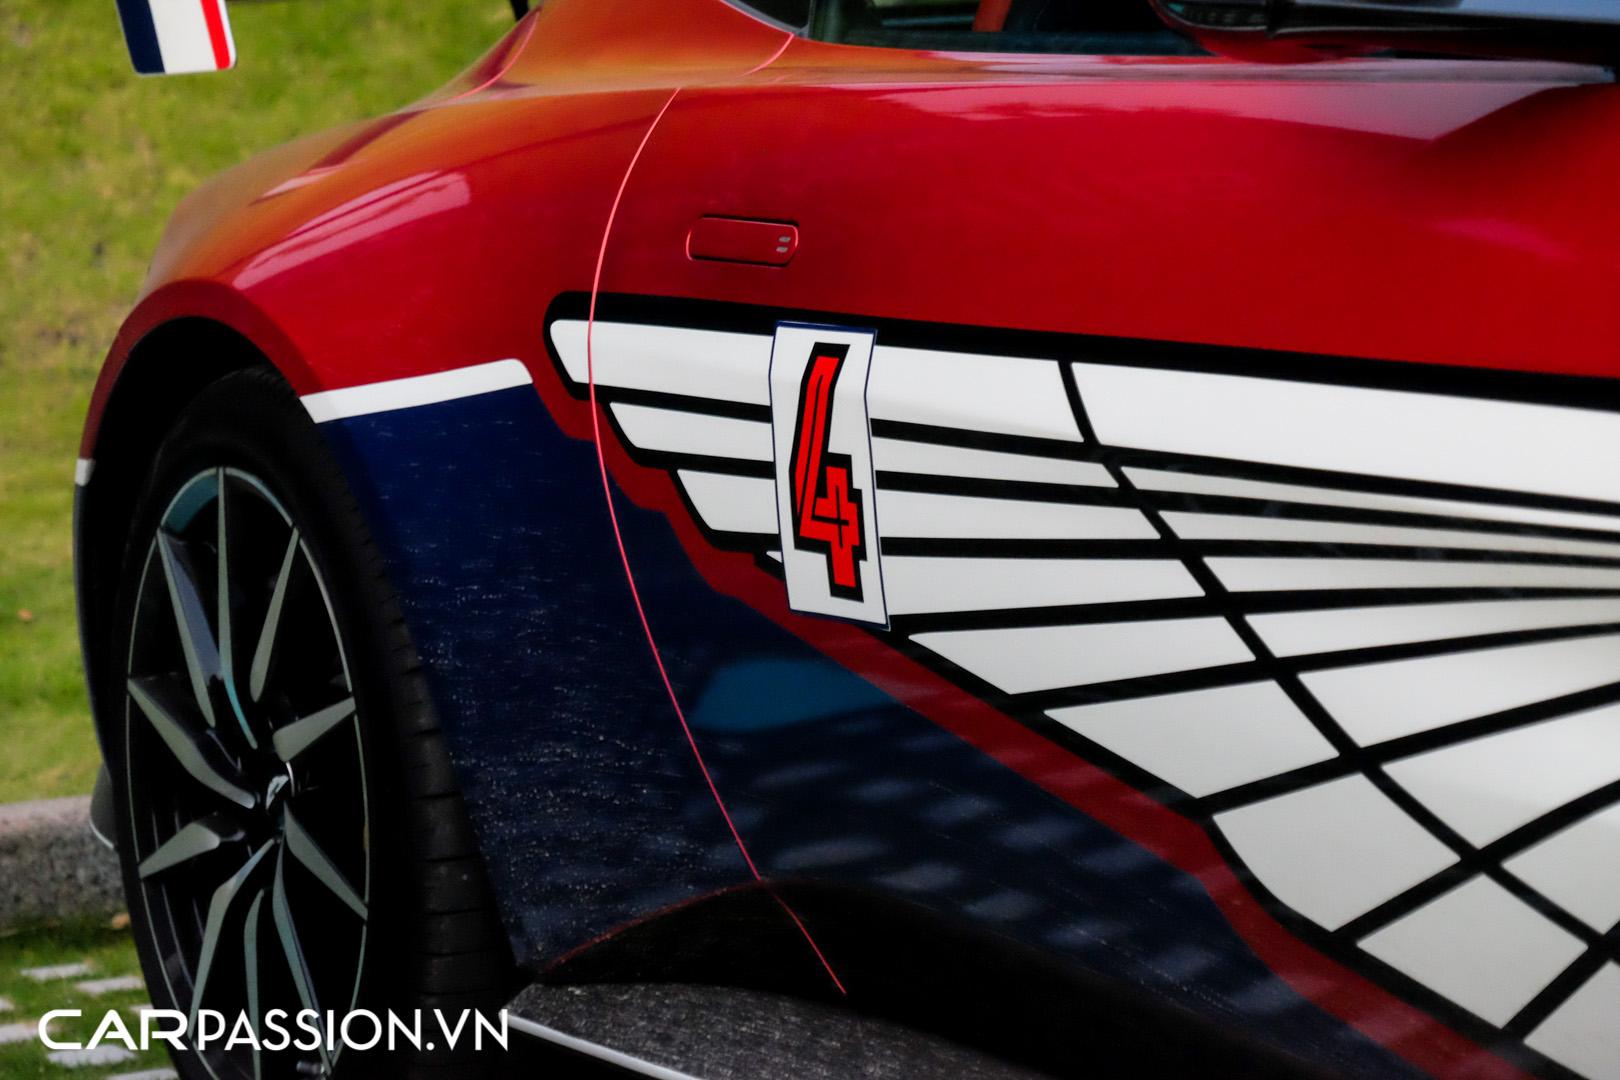 Aston Martin Vantage của doanh nhân Phạm Trần Nhật Minh (12).JPG